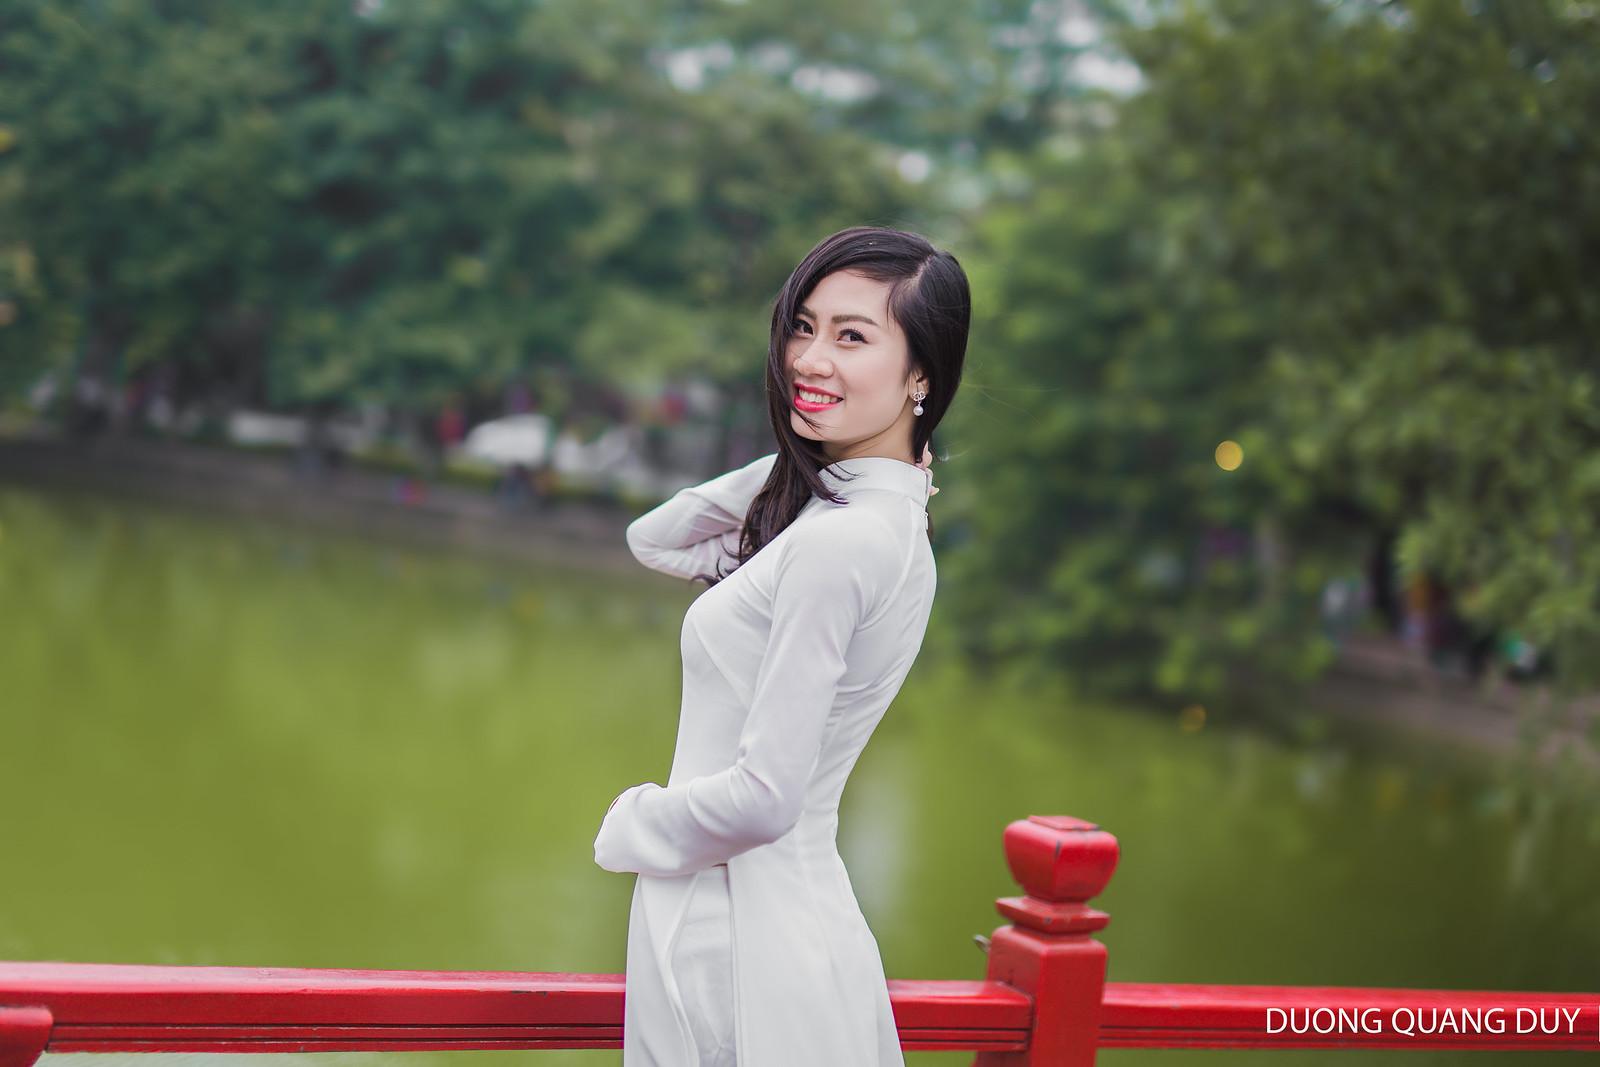 Áo dài trắng - Hà Nội chớm đông 5